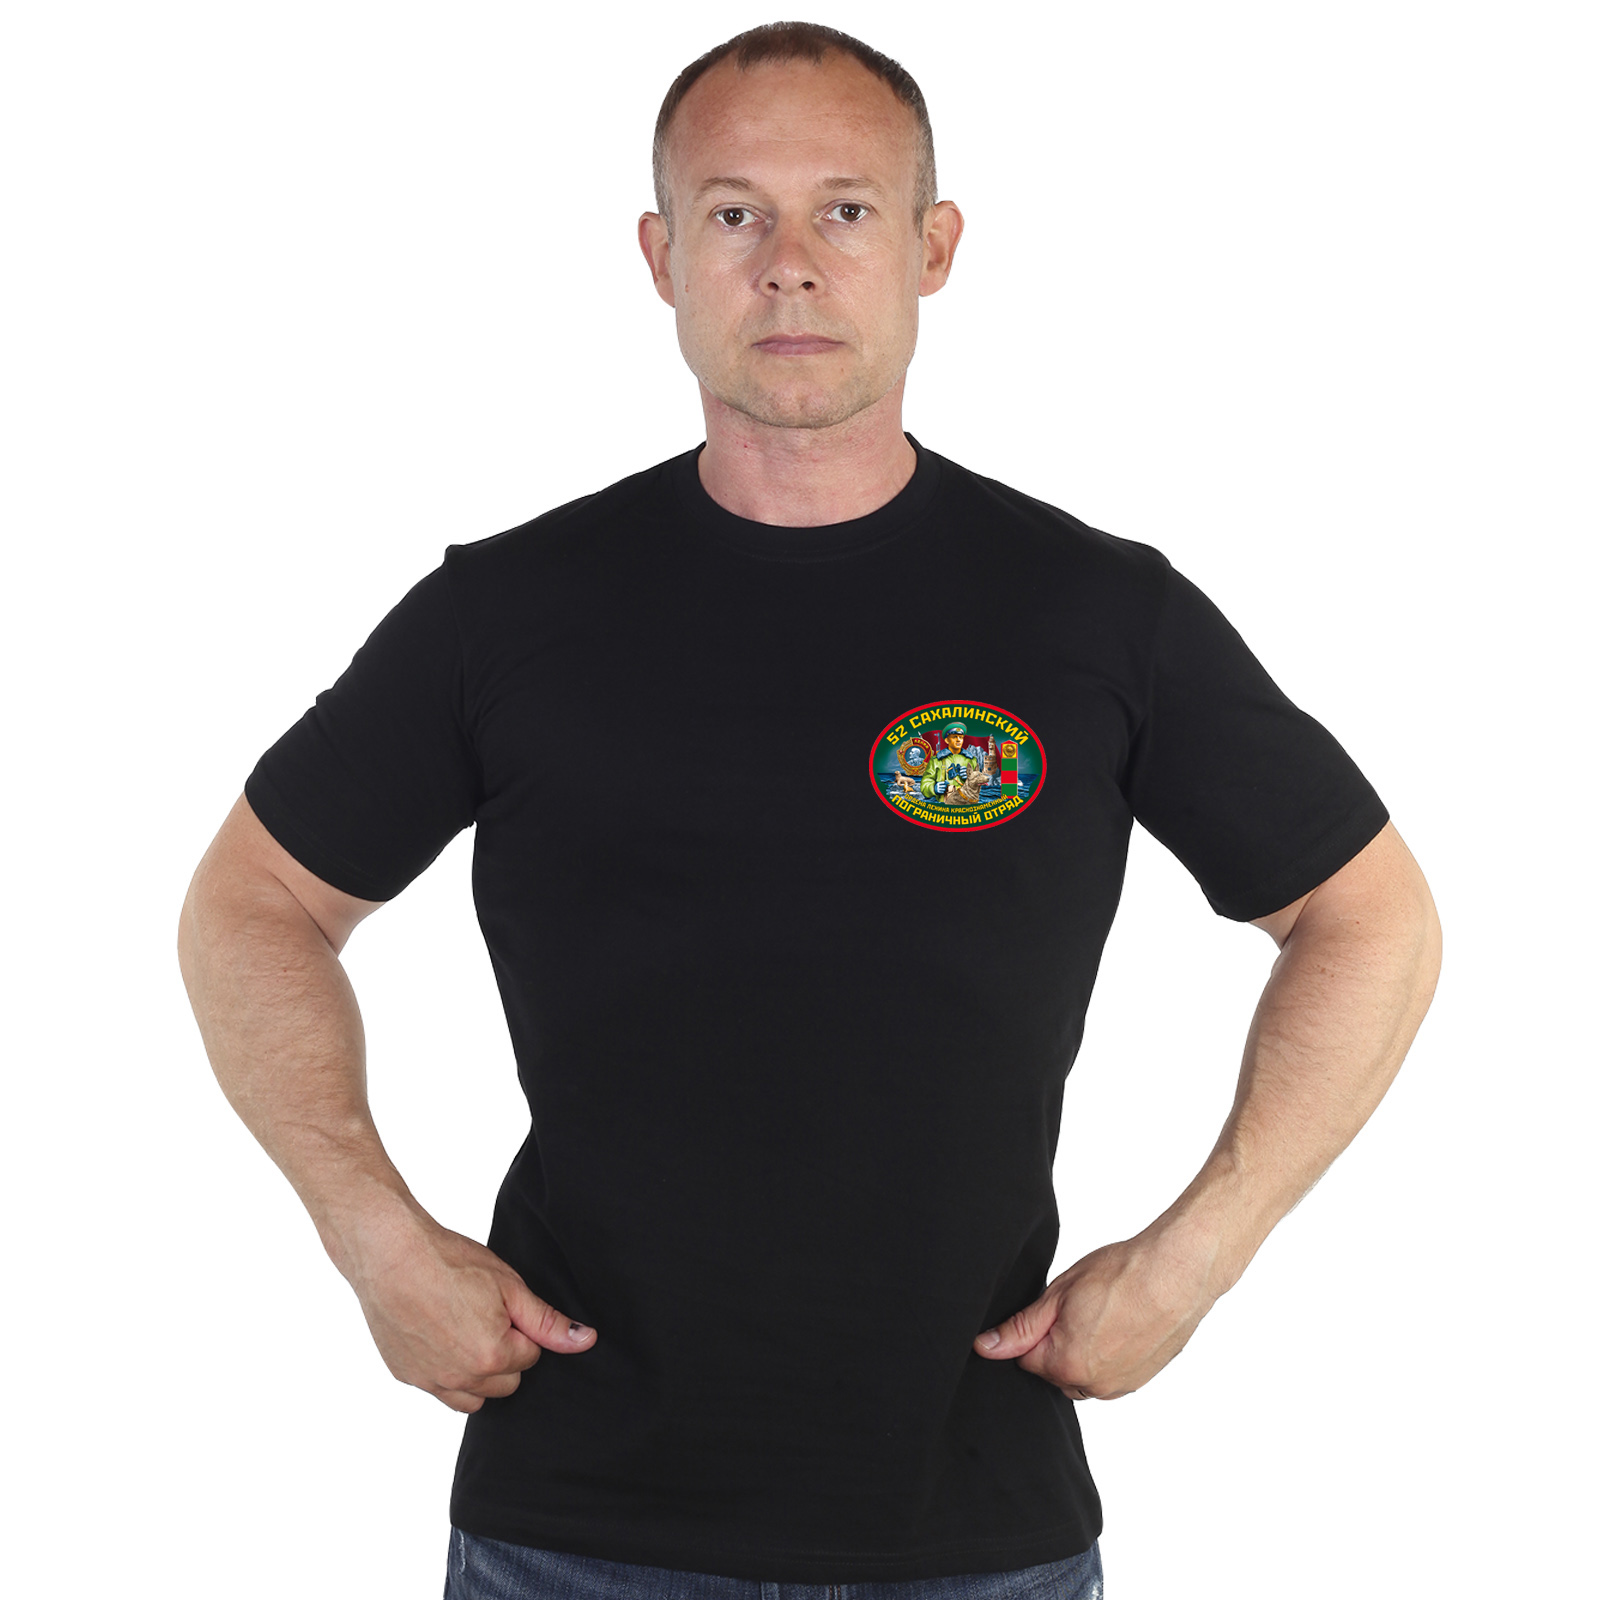 Заказать футболку с принтом 52 Сахалинский погранотряд